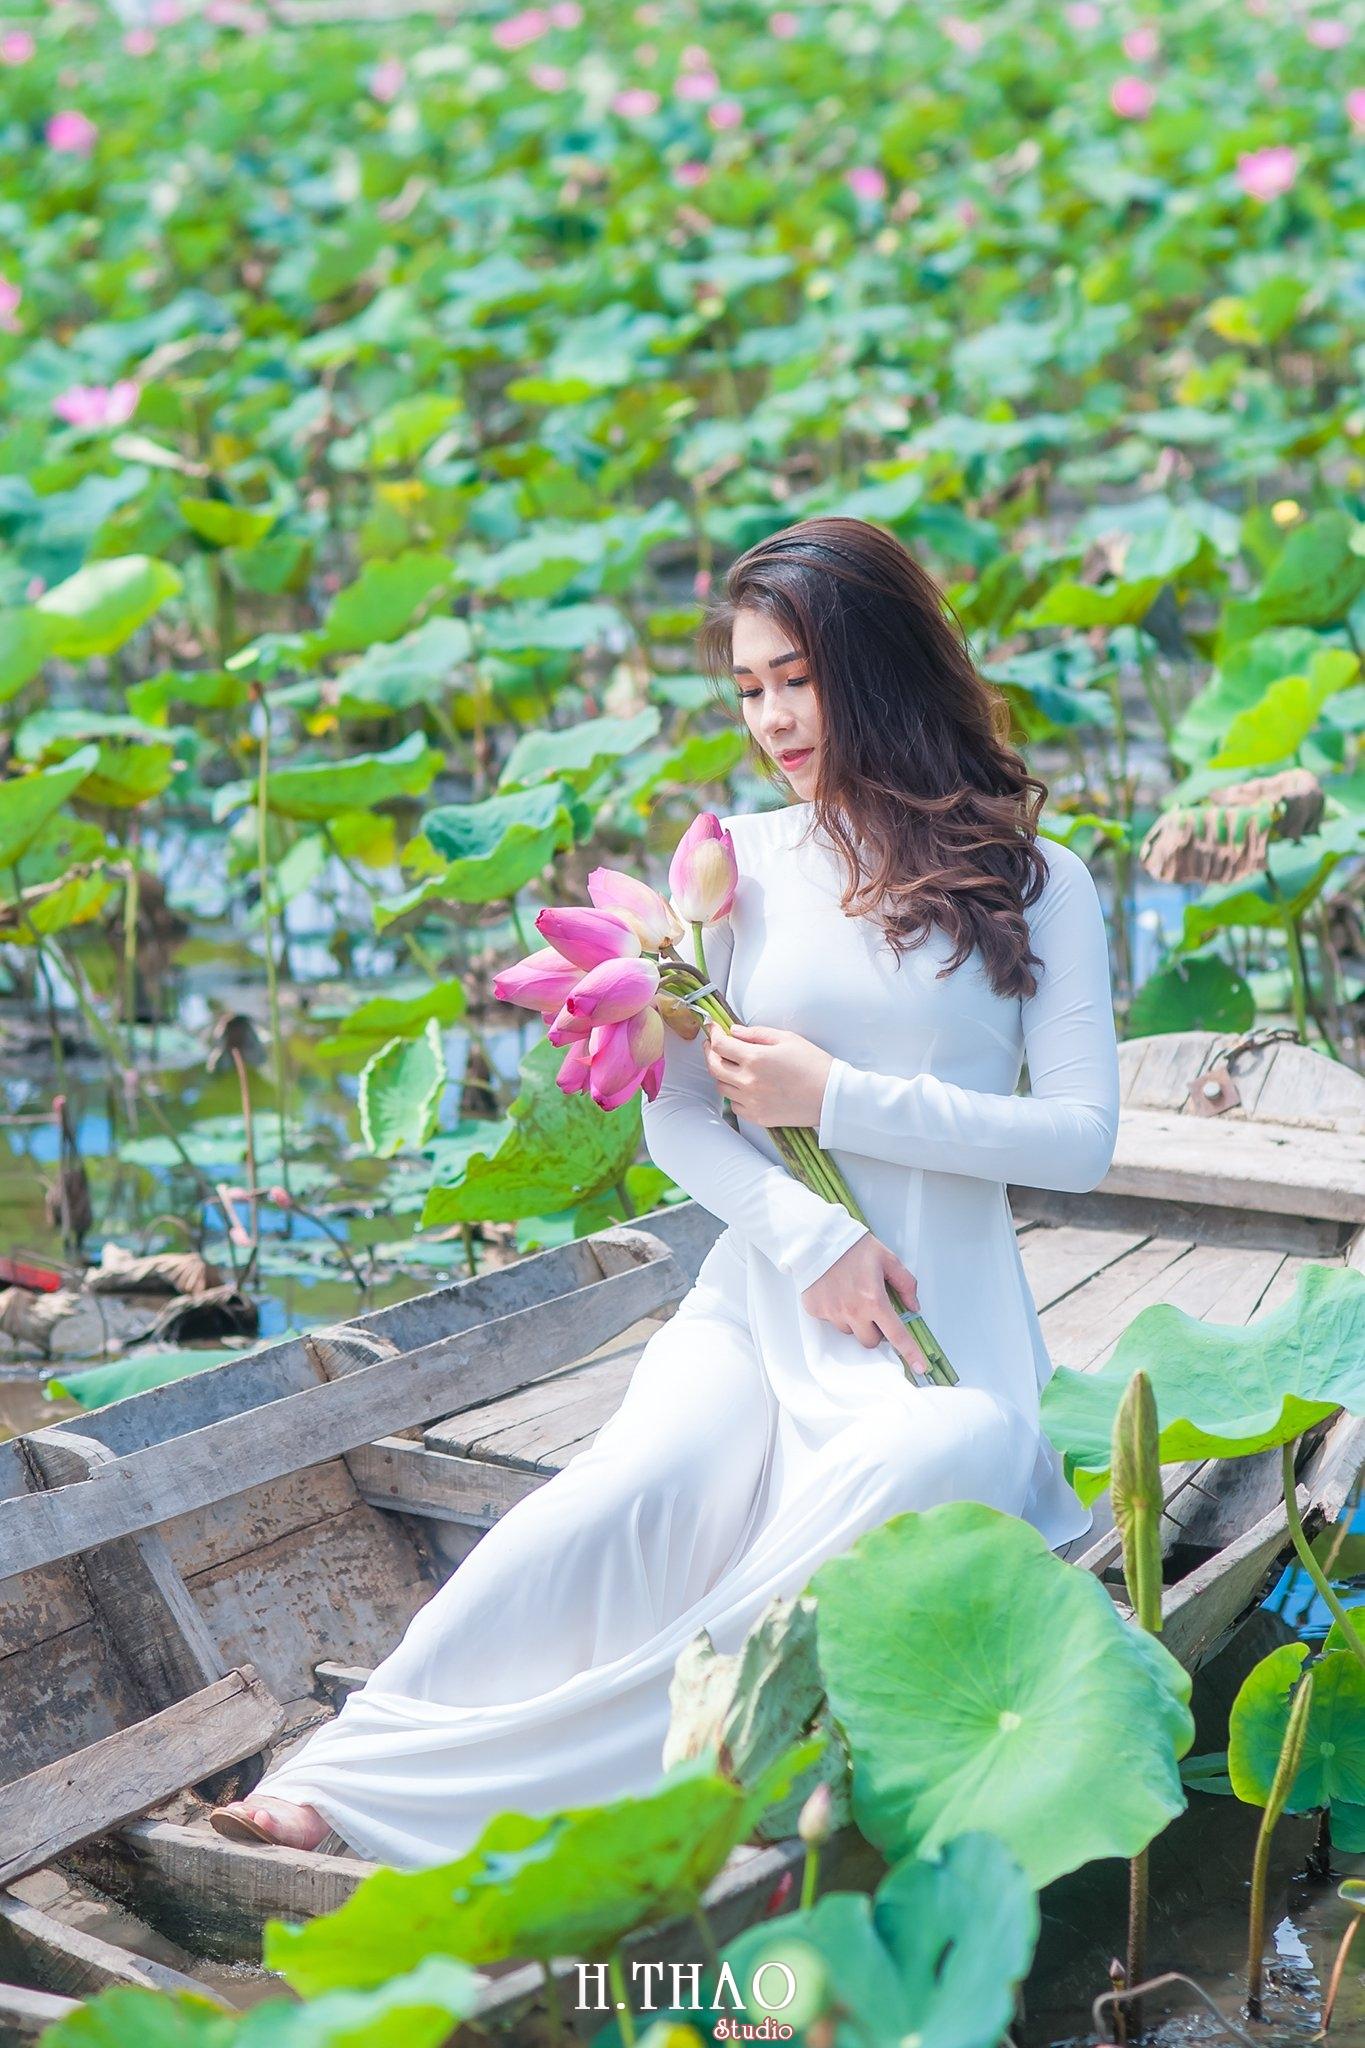 DSC 9024 - Tháng 6, chụp hình với hoa sen tại Tam đa quận 9 – Tp.HCM